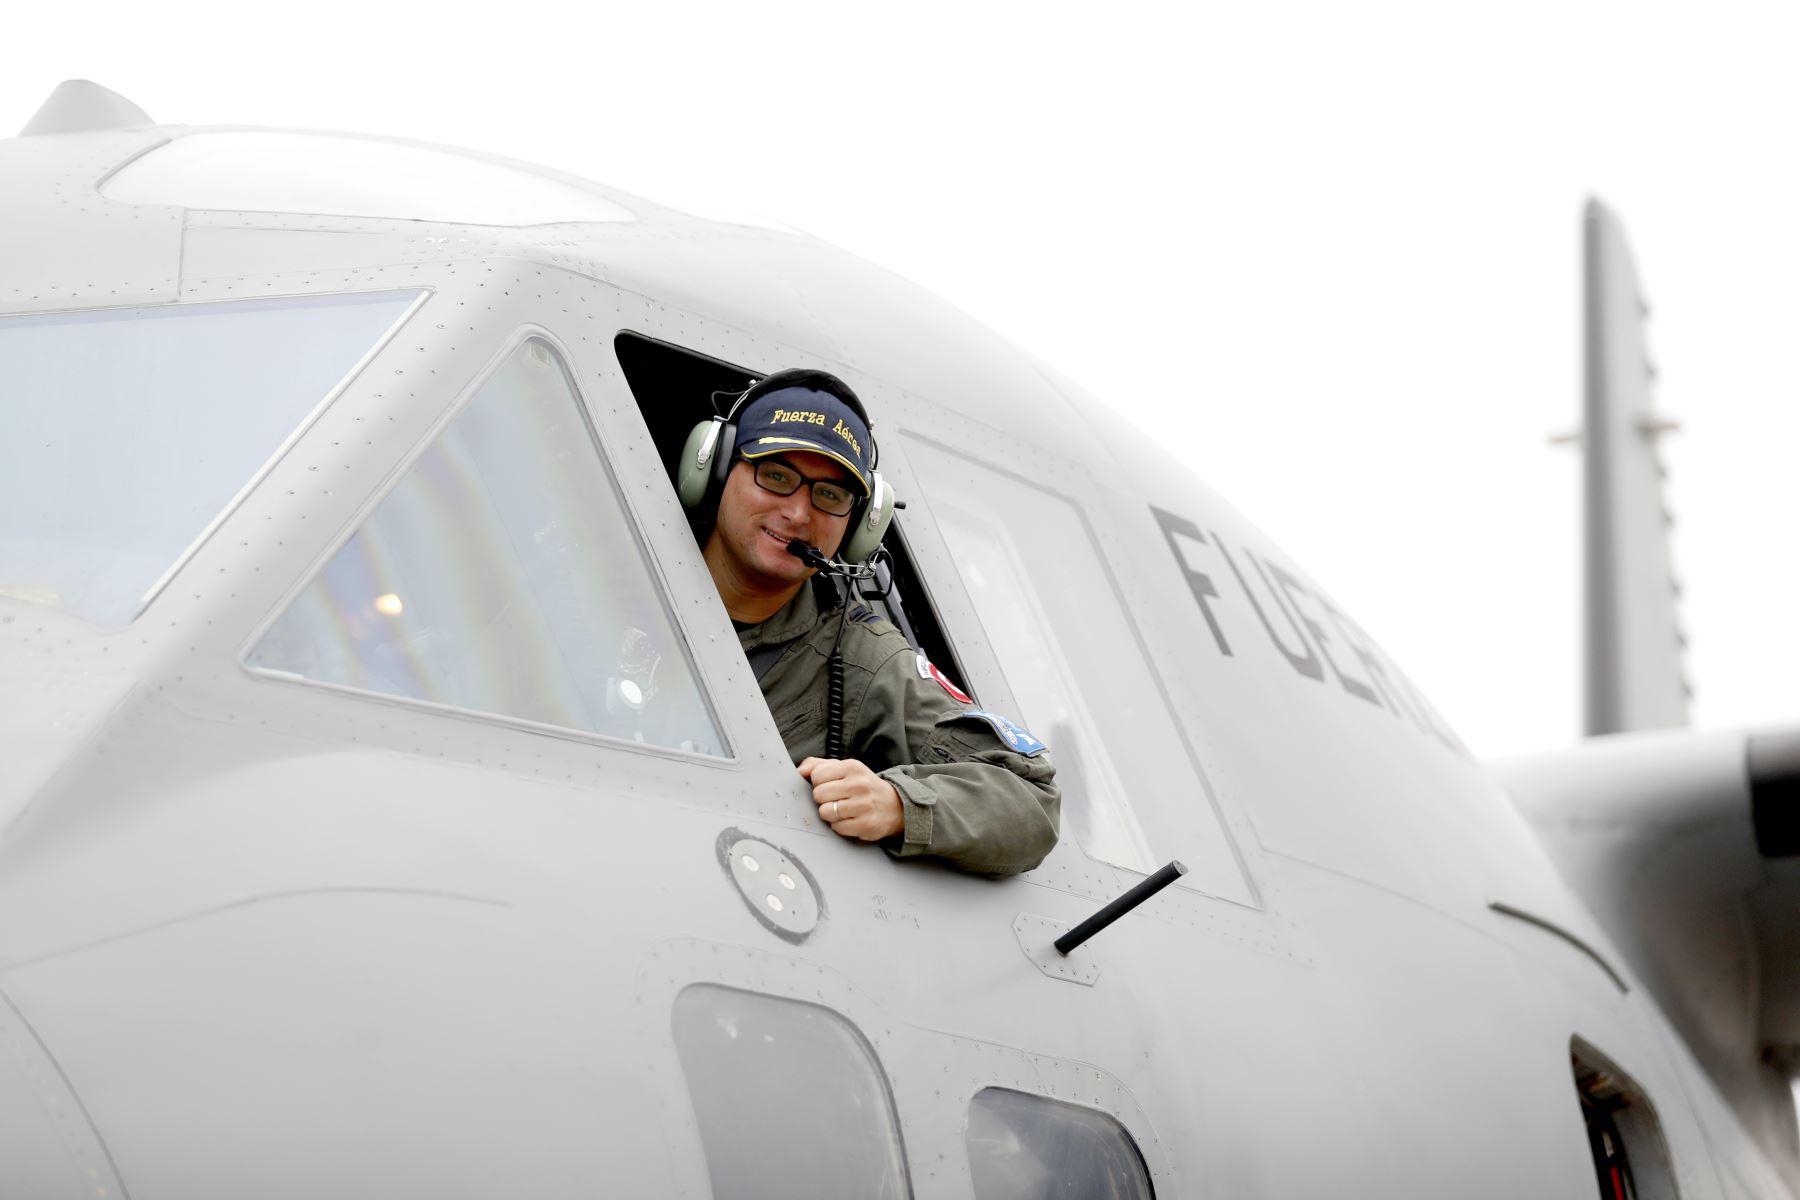 El Mayor, Alonso Ayllon piloto de la aereonave. Foto: ANDINA/Josue Ramos